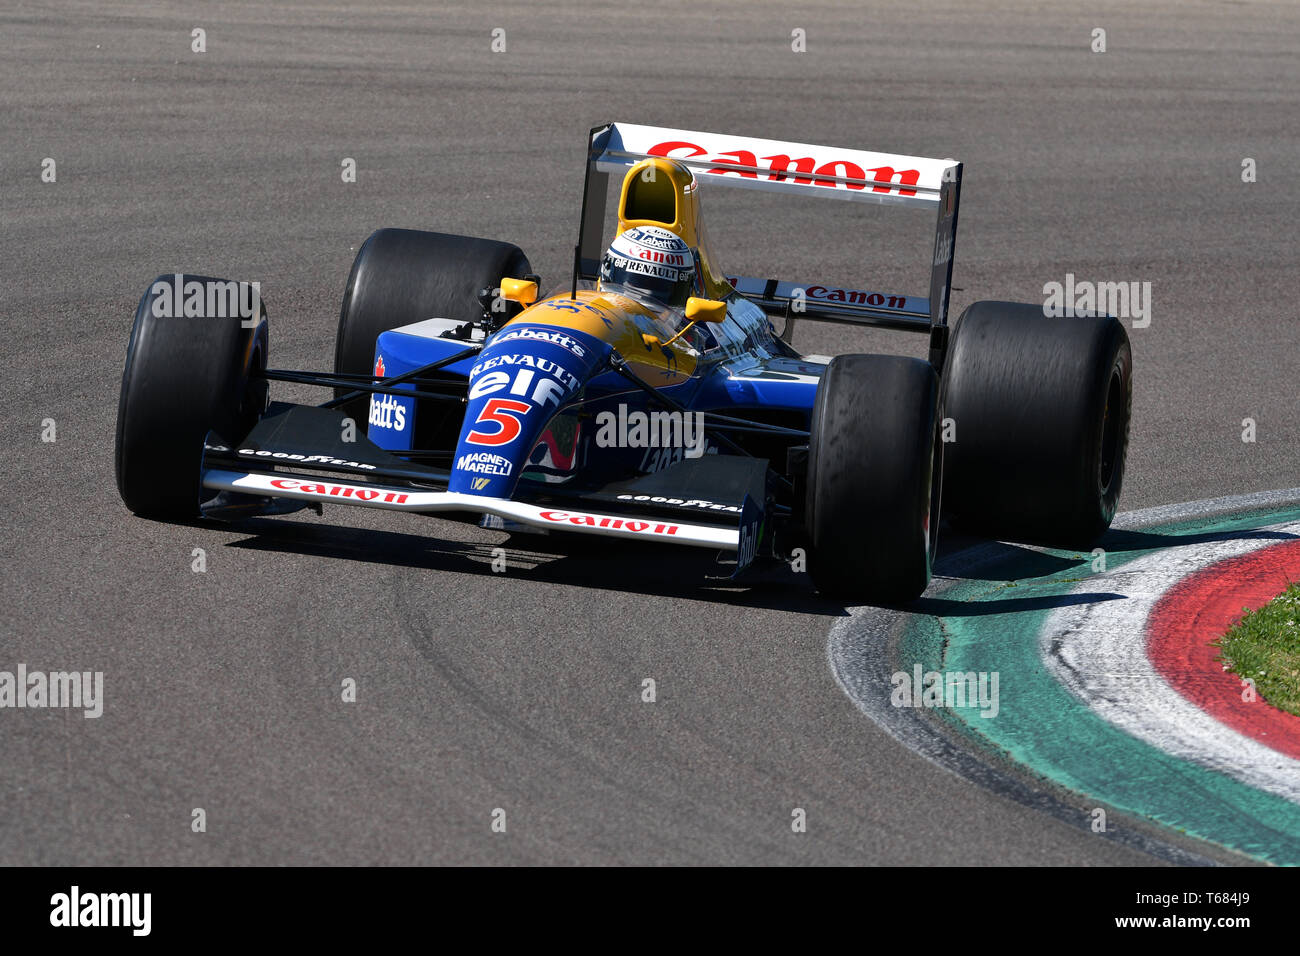 Imola, 27 avril 2019 Historique 1991: F1 Williams FW14 ex Riccardo Patrese - Nigel Mansell conduit par Riccardo Patrese au cours de Minardi jour Historique 2019 Banque D'Images